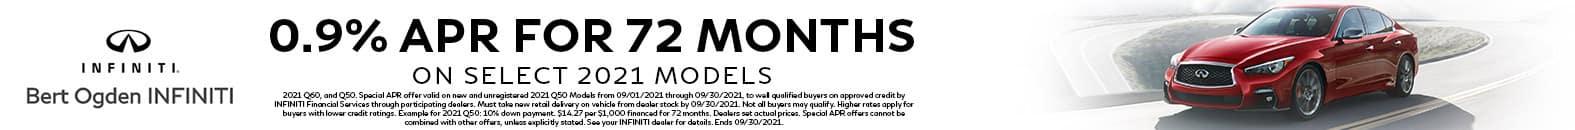 0.9% APR For 72 Months | Bert Ogden INFINITI | Edinburg, TX